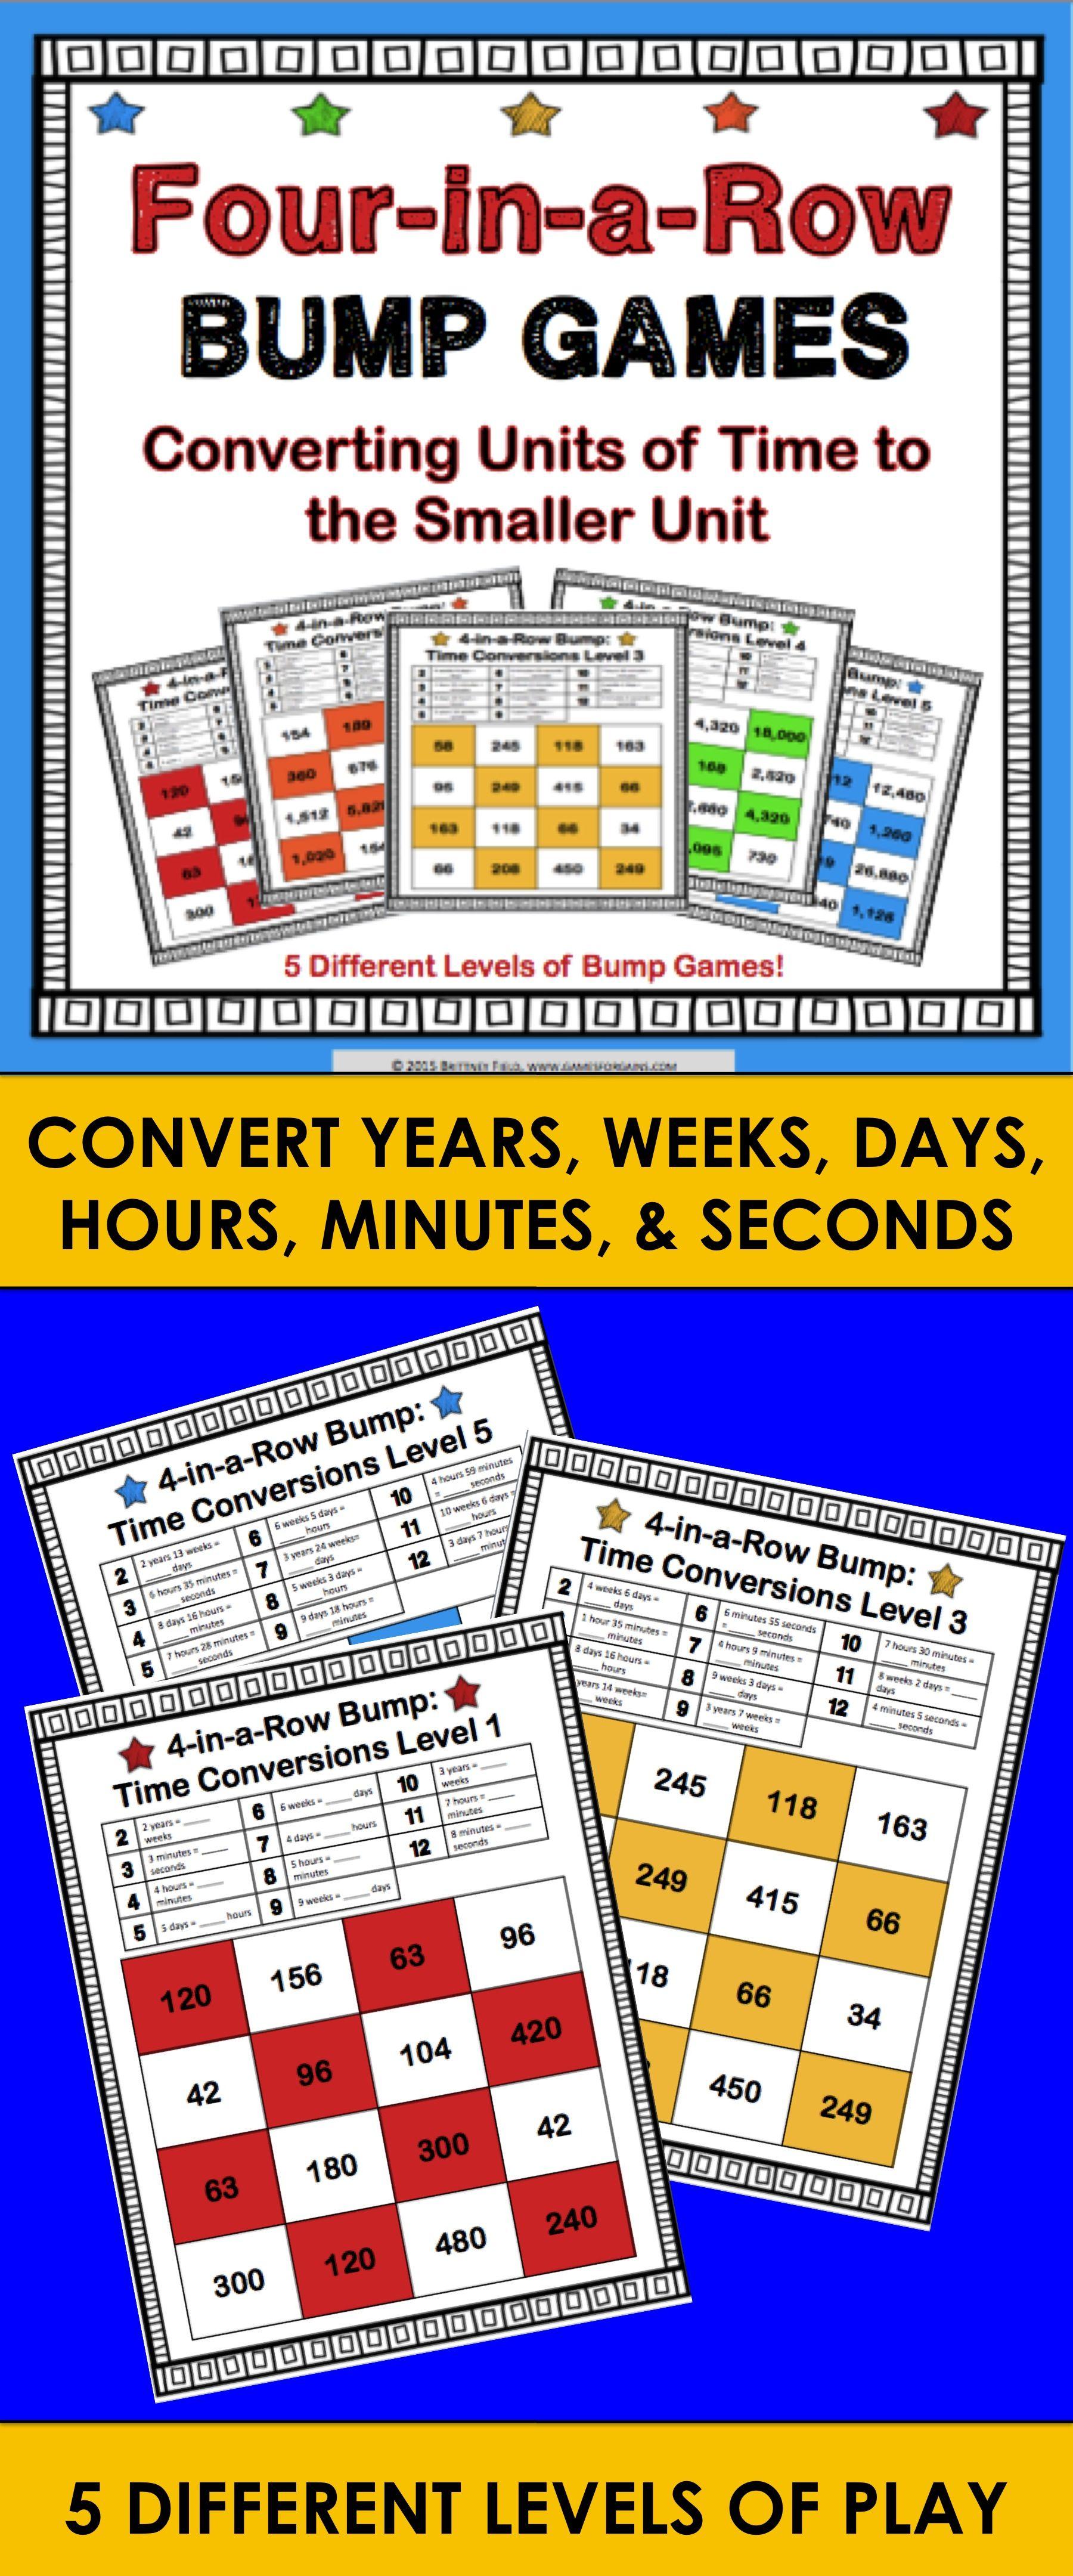 Time Conversions Measurement Conversion Games 4 A 1